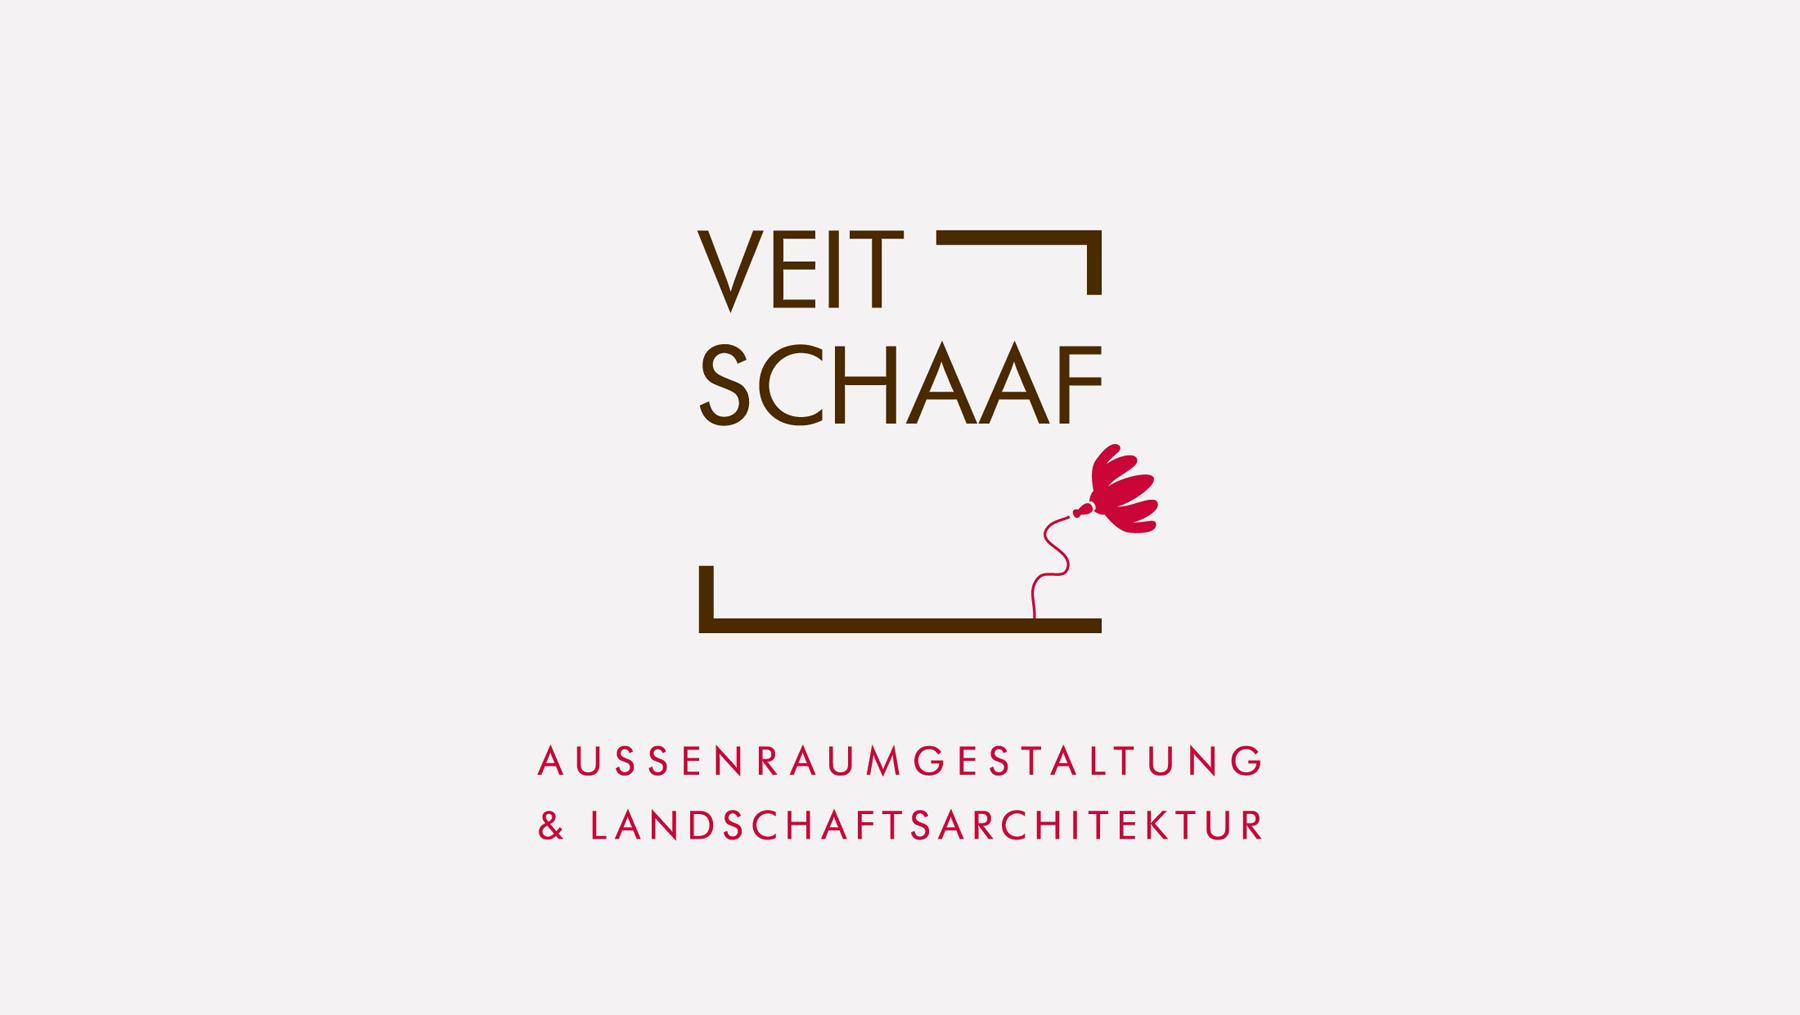 Logo - Veit-Schaaf Landschaftsarchitektur